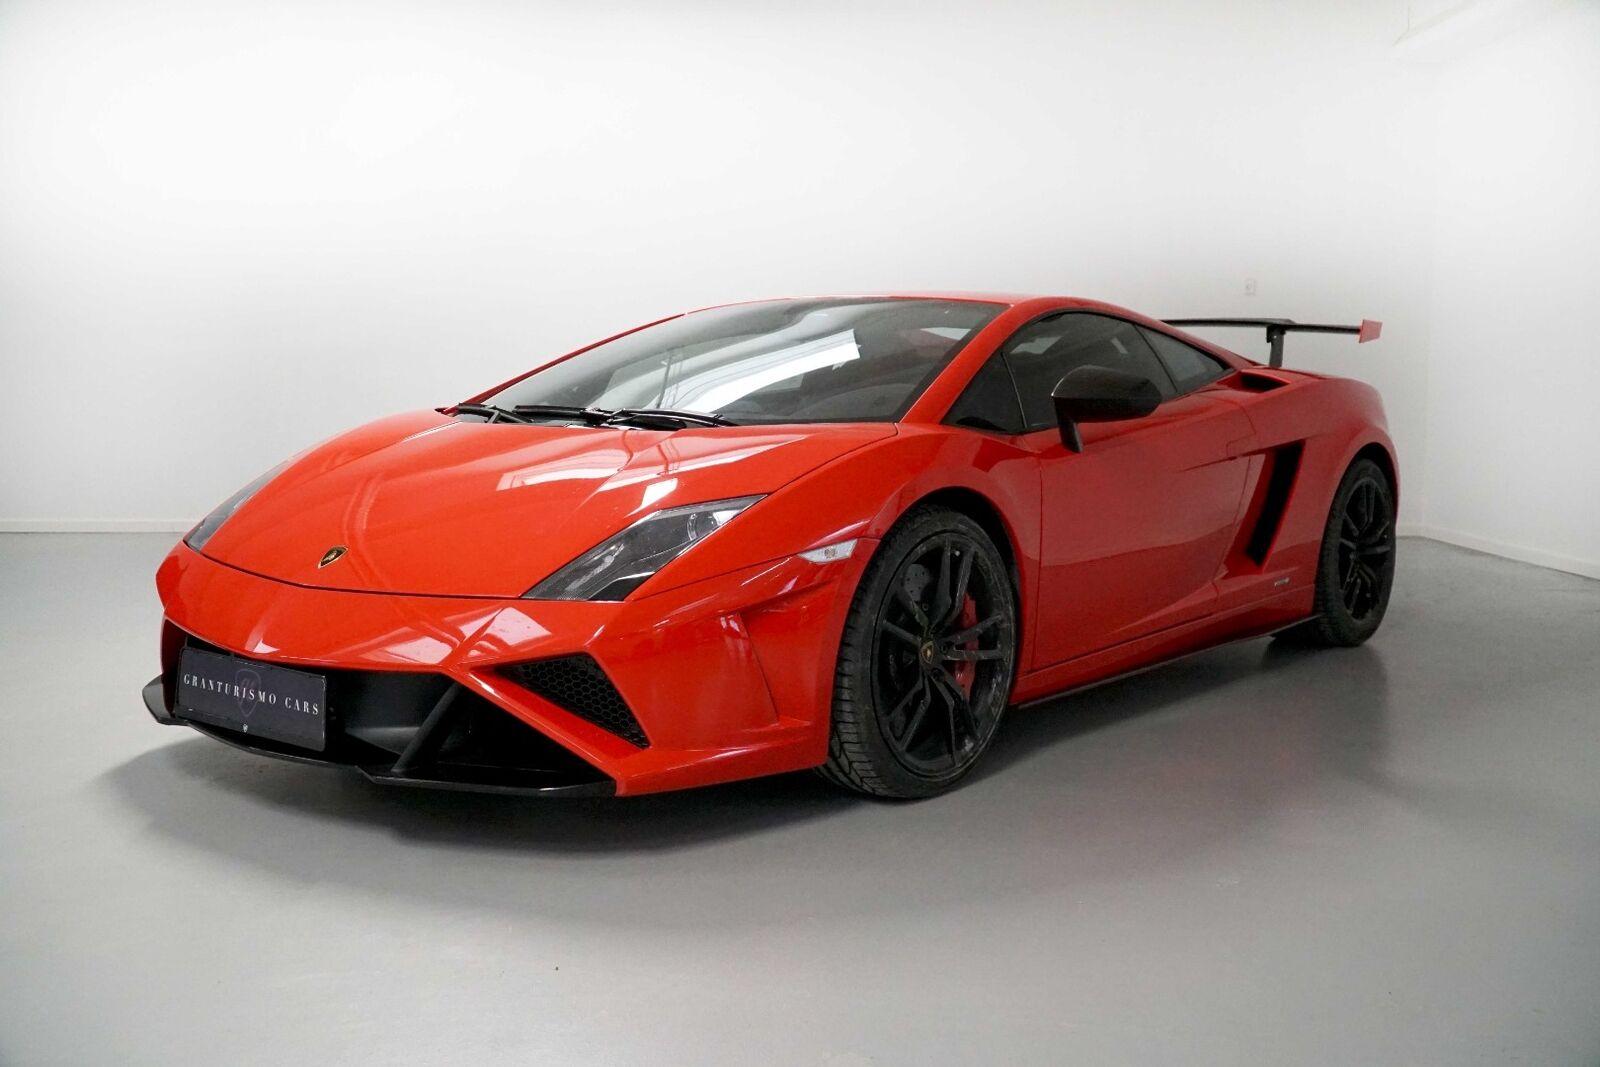 Lamborghini Gallardo 5,2 LP 570-4 Squadra Corse E-gear 2d